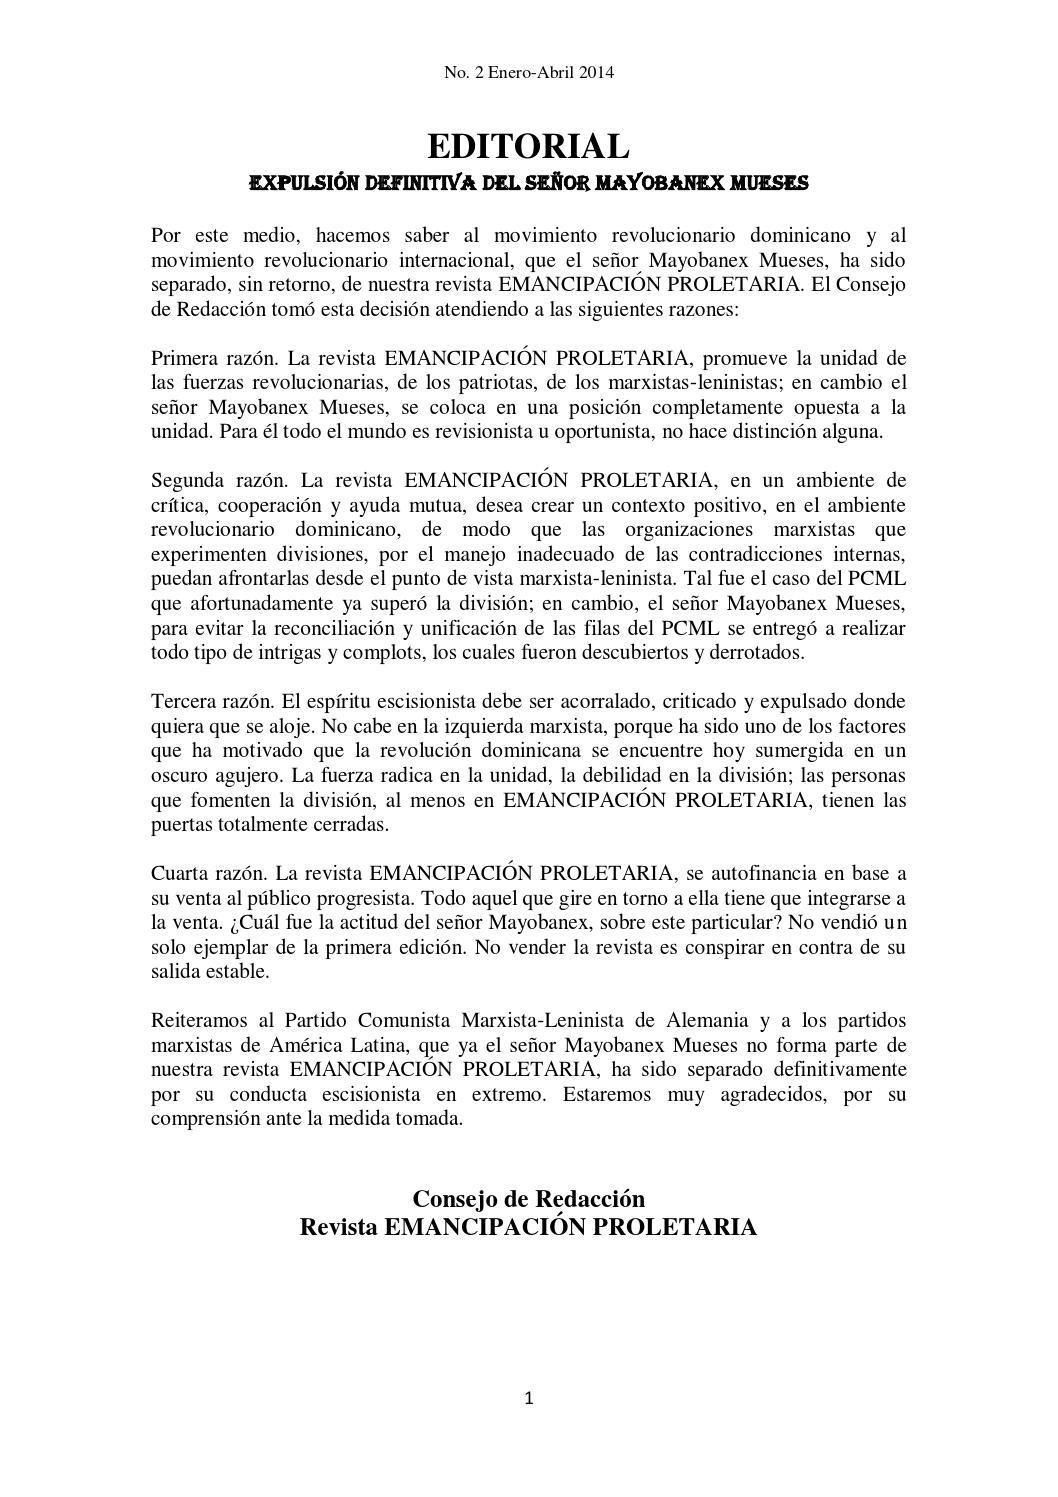 REVISTA EMANCIPACIÓN NO.2, ENERO-ABRIL 2014 by Manuel Linares - issuu